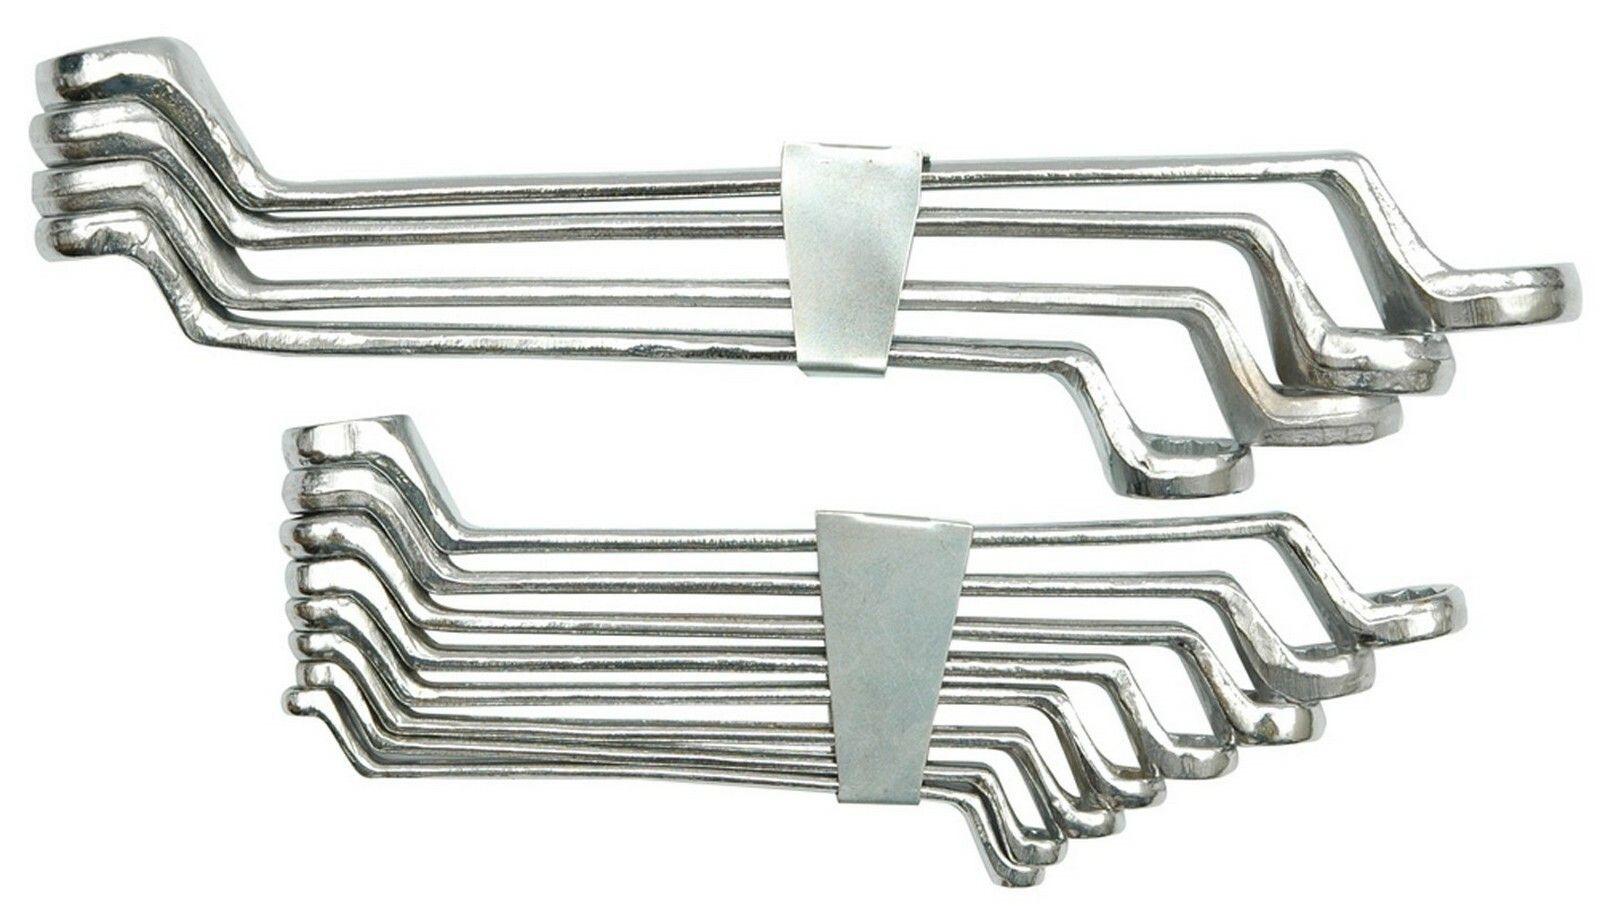 Sada klíčů očkových 12 ks 6 - 32 mm ohnuté spona TOYA